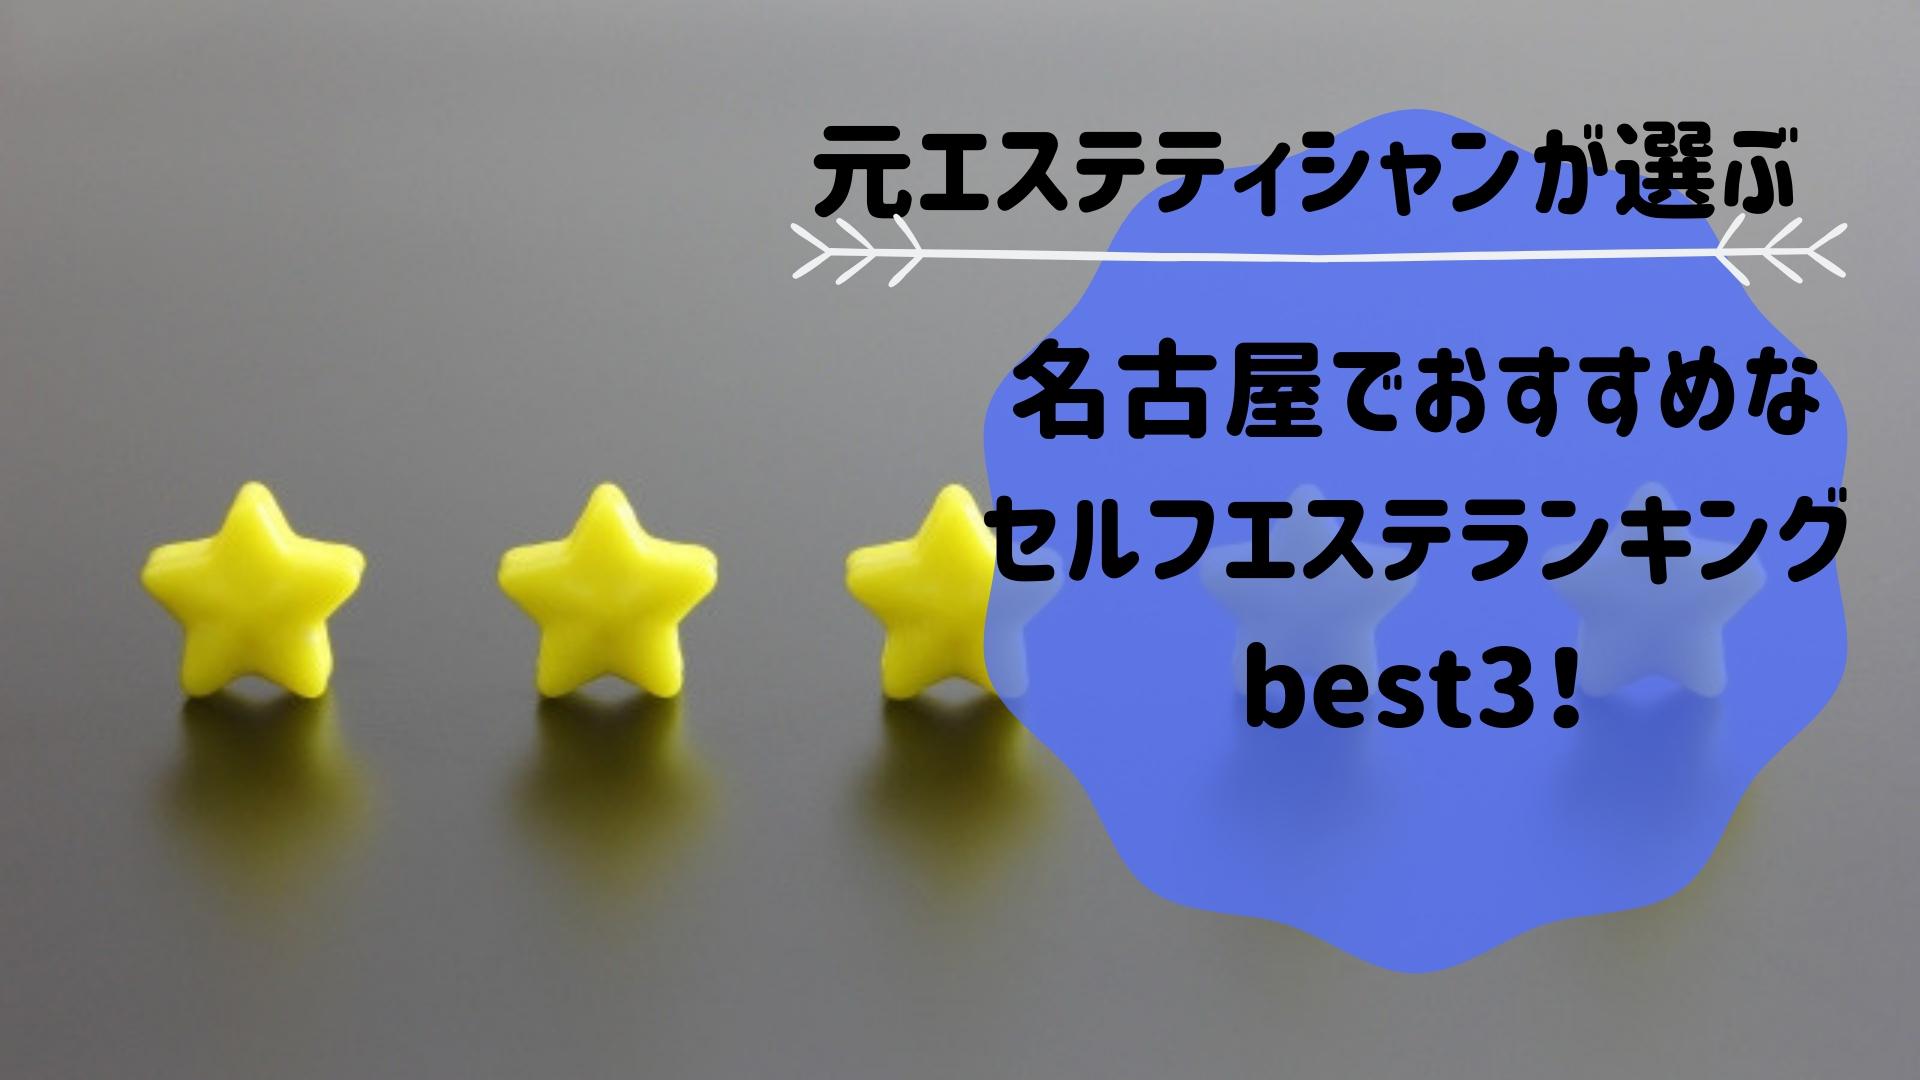 名古屋でおすすめな セルフエステランキング best3!